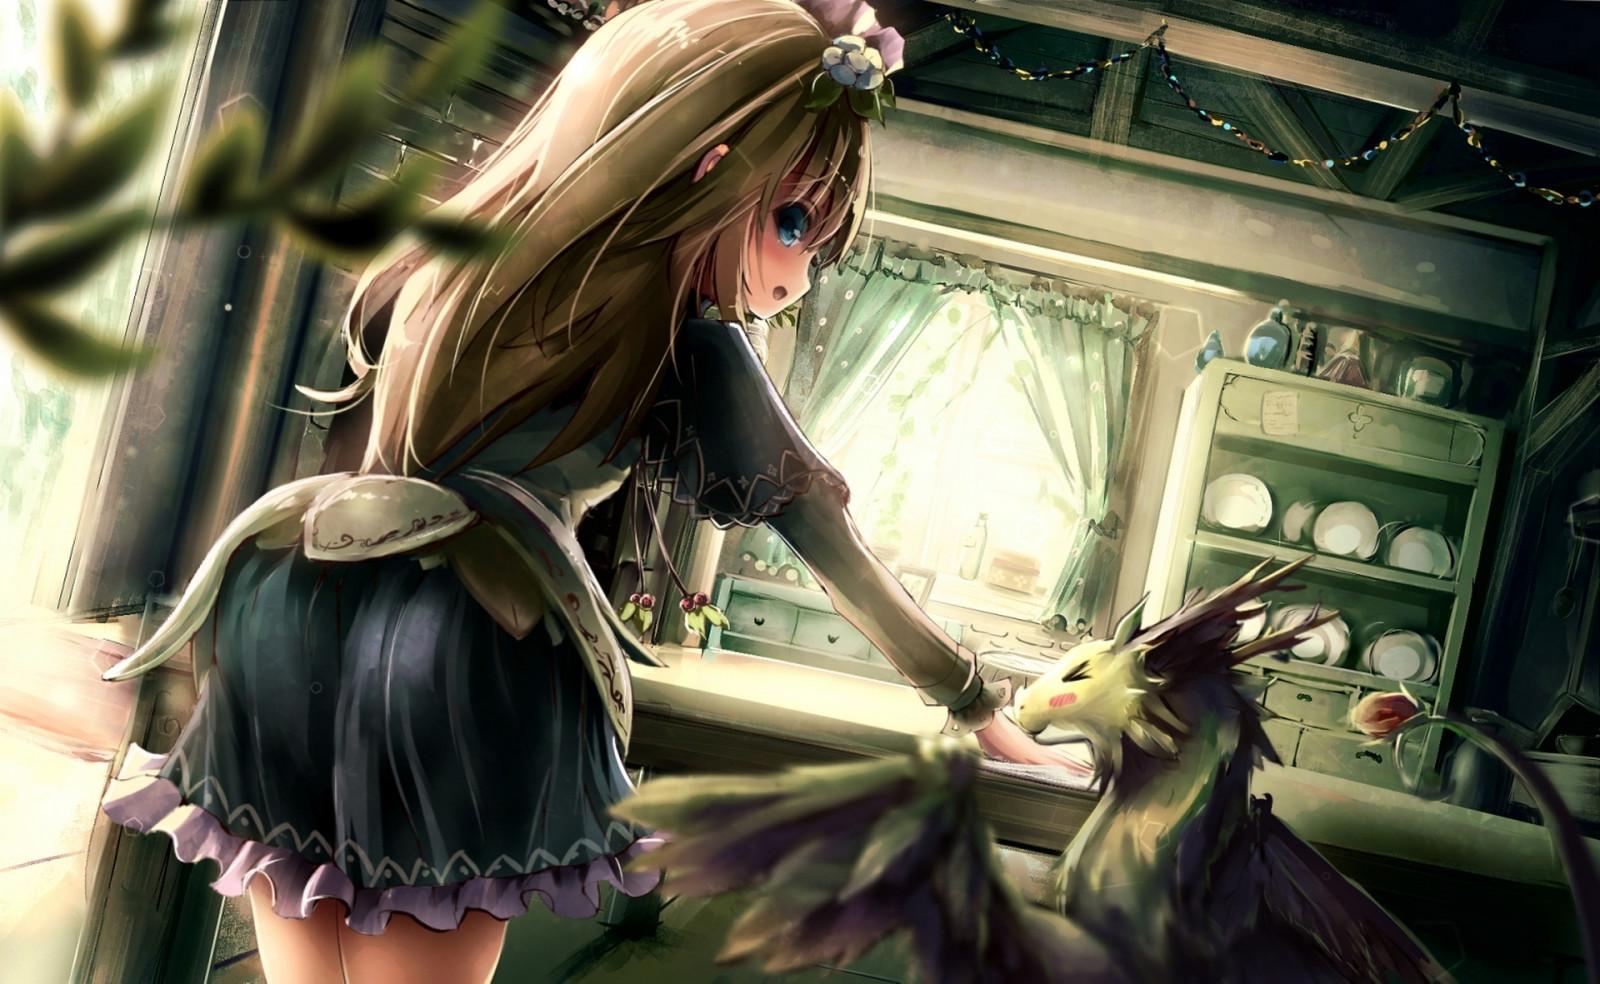 Картинки девушка с драконом аниме, воздвижении